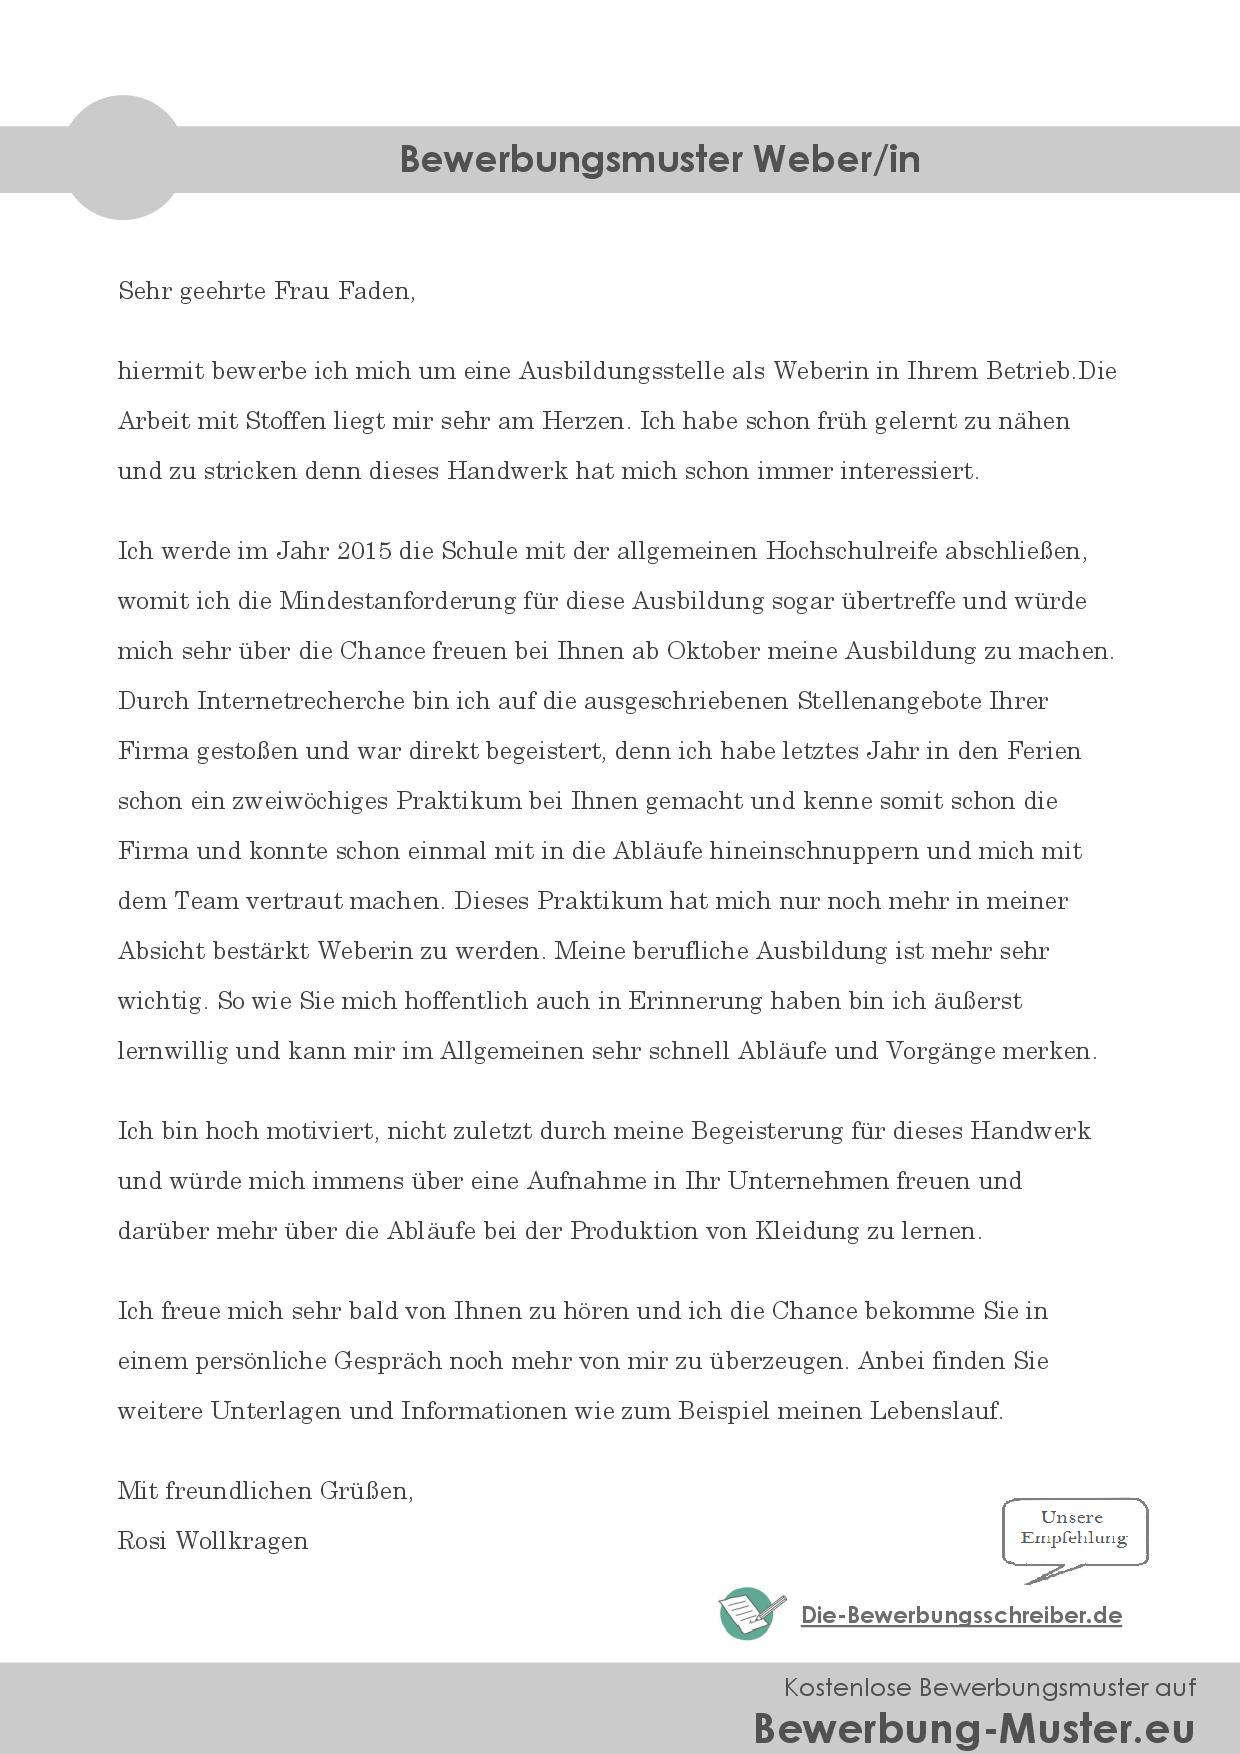 Bewerbungsmuster Weber/in